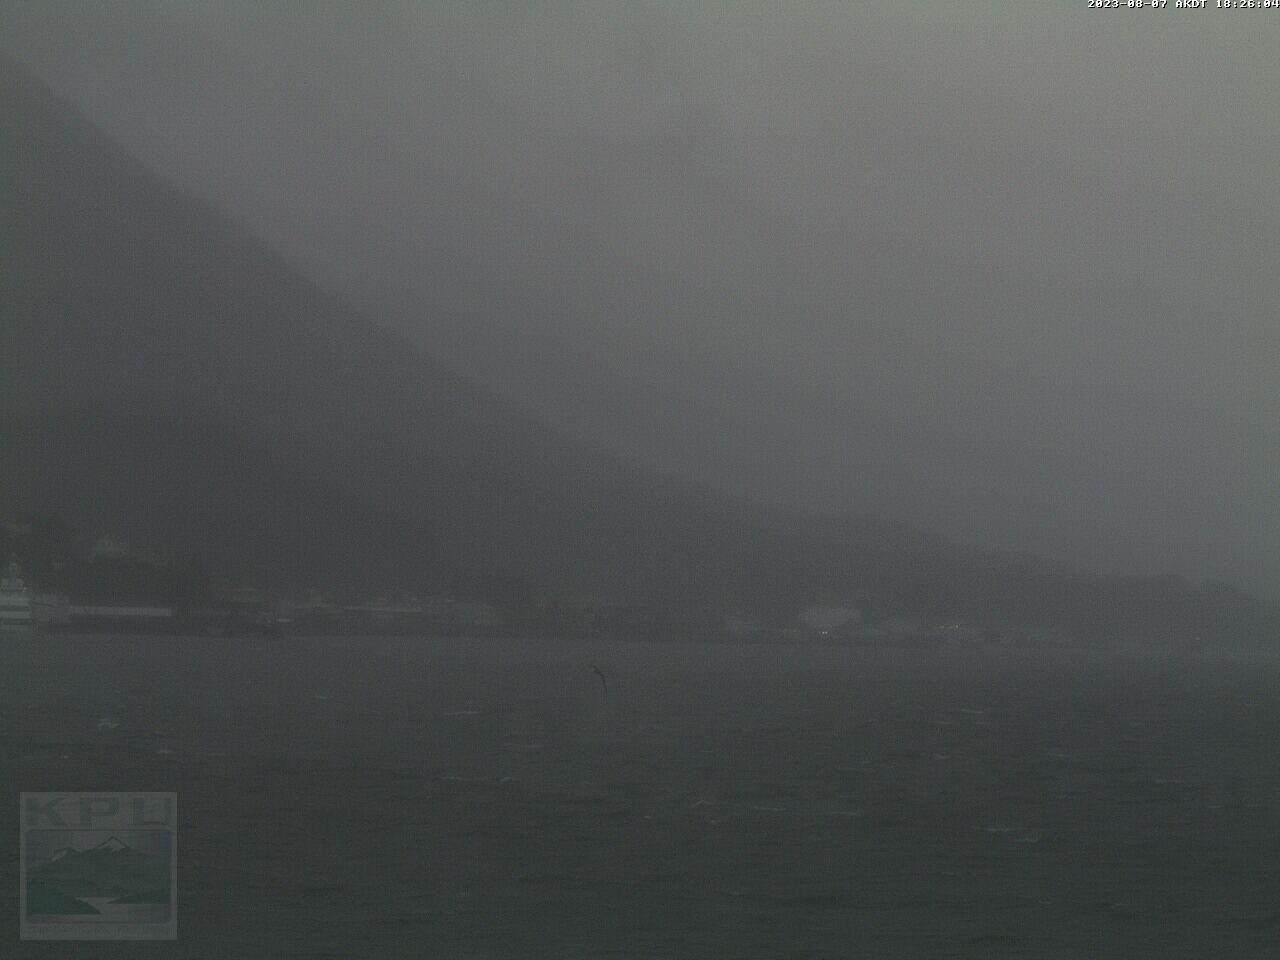 Current Ketchikan Webcam #3 Mega-View Image